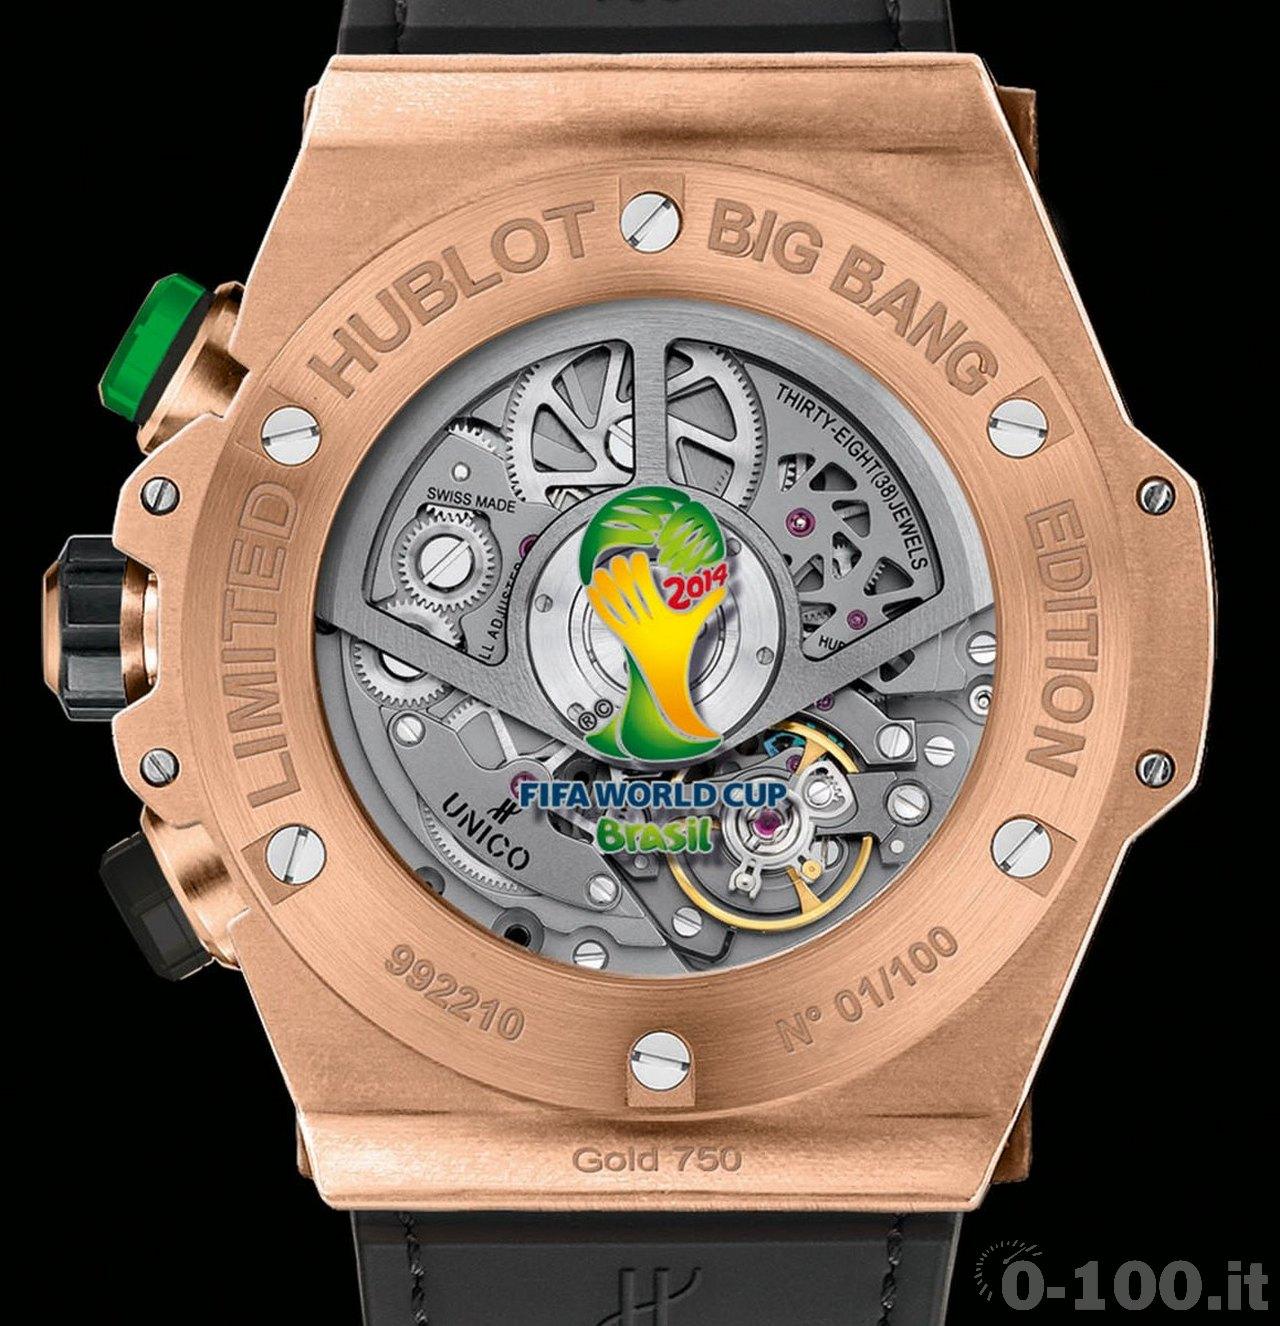 hublot-big-bang-unico-chrono-bi-retrograde-orologio-ufficiale-della-fifa-world-cup-brazil-2014_0-1006